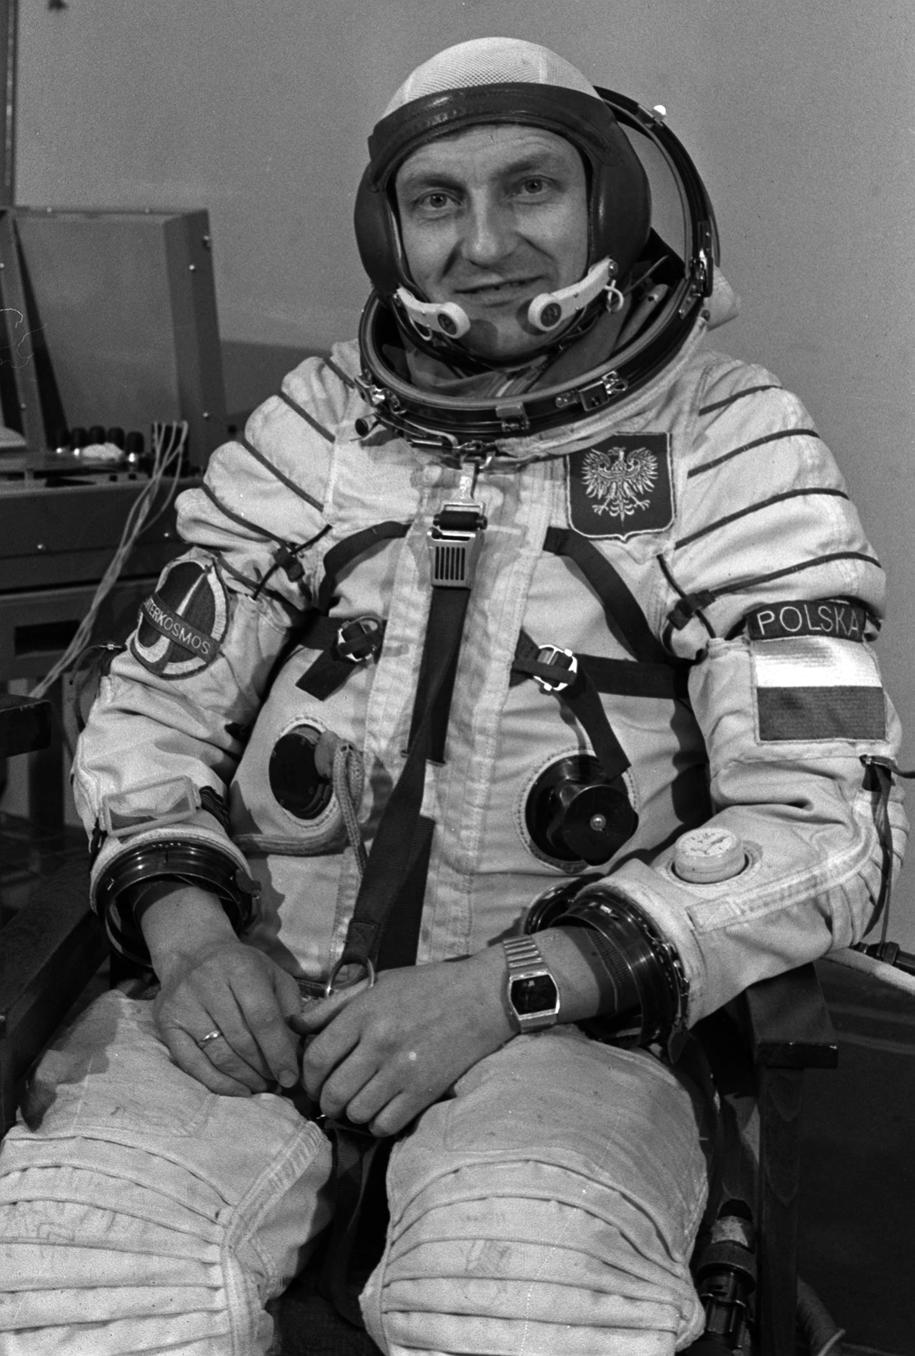 Mirosław Hermaszewski na zdj. z 1978 roku /CAF/Tadeusz Zagoździński /PAP